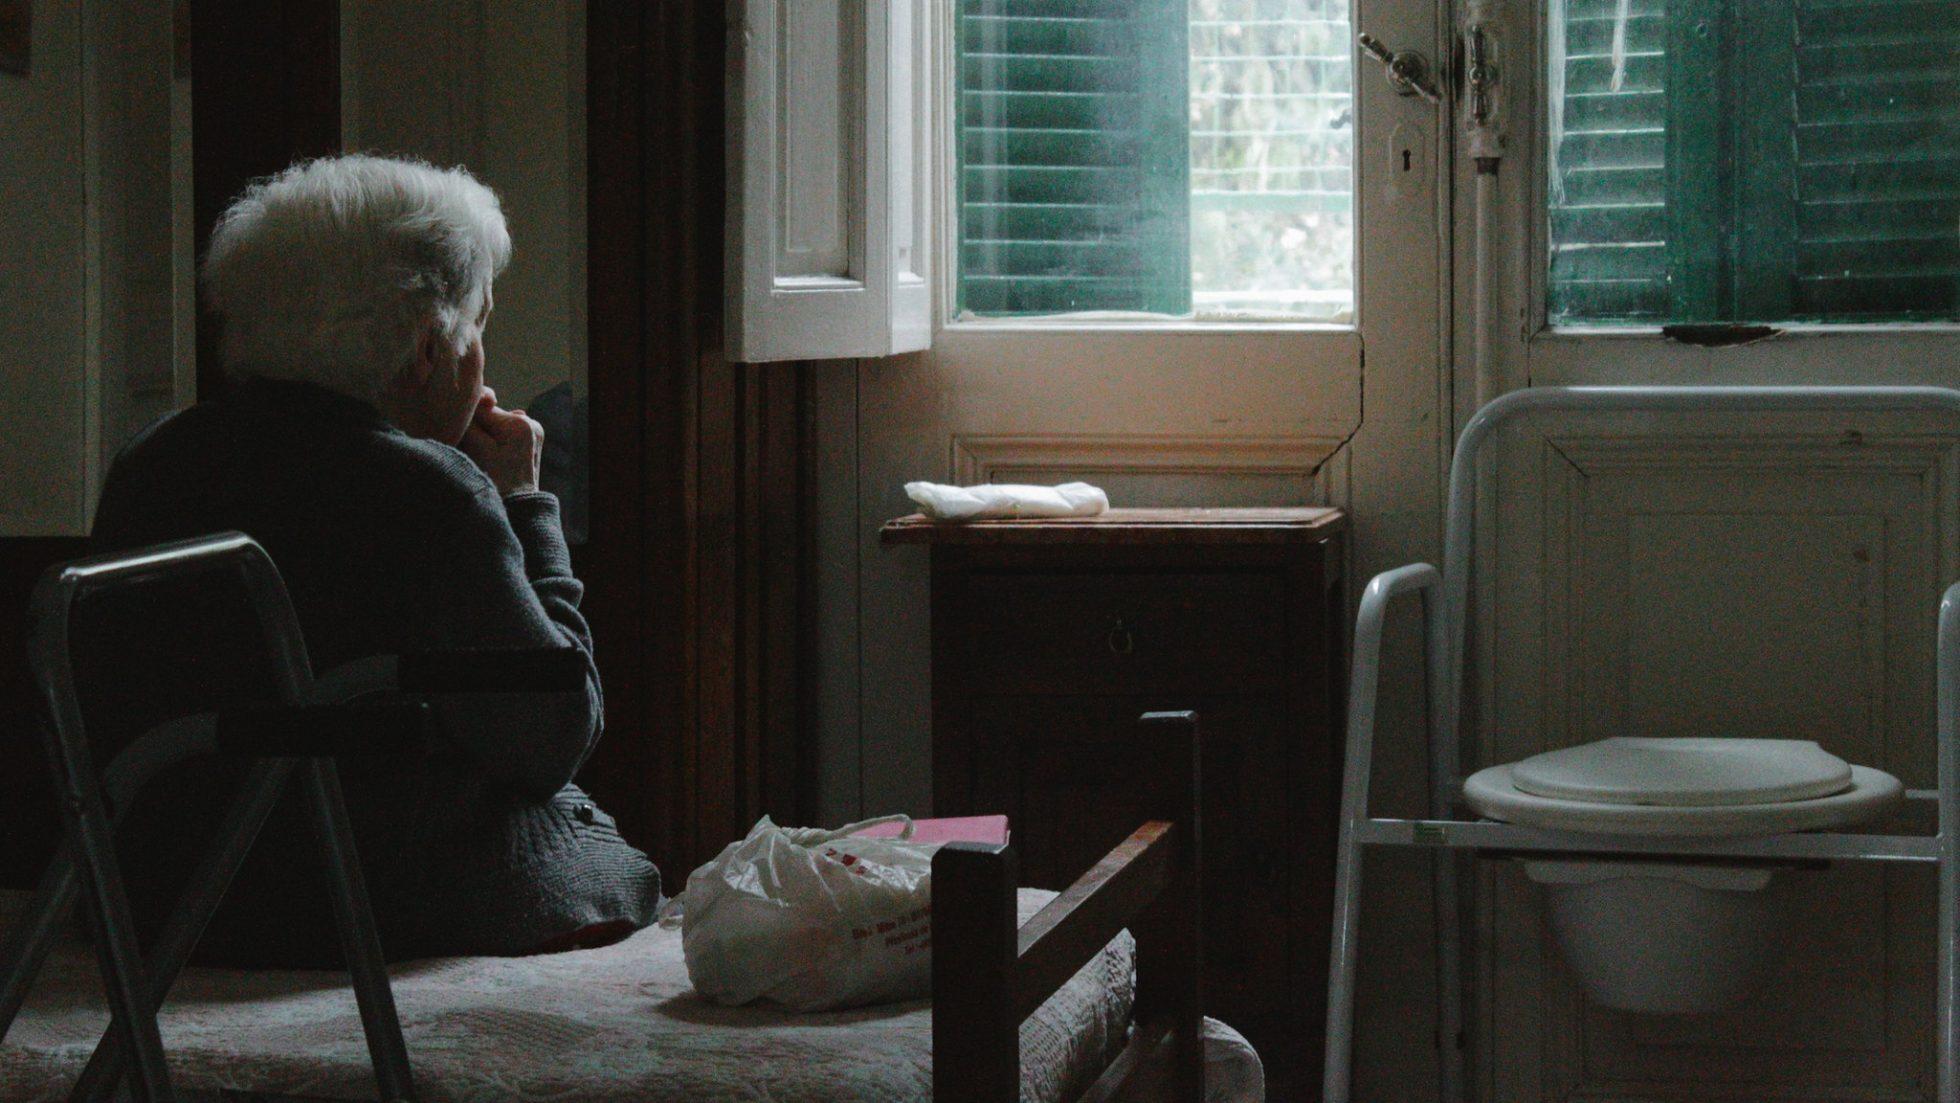 Domovy důchodců jako výhodný byznys